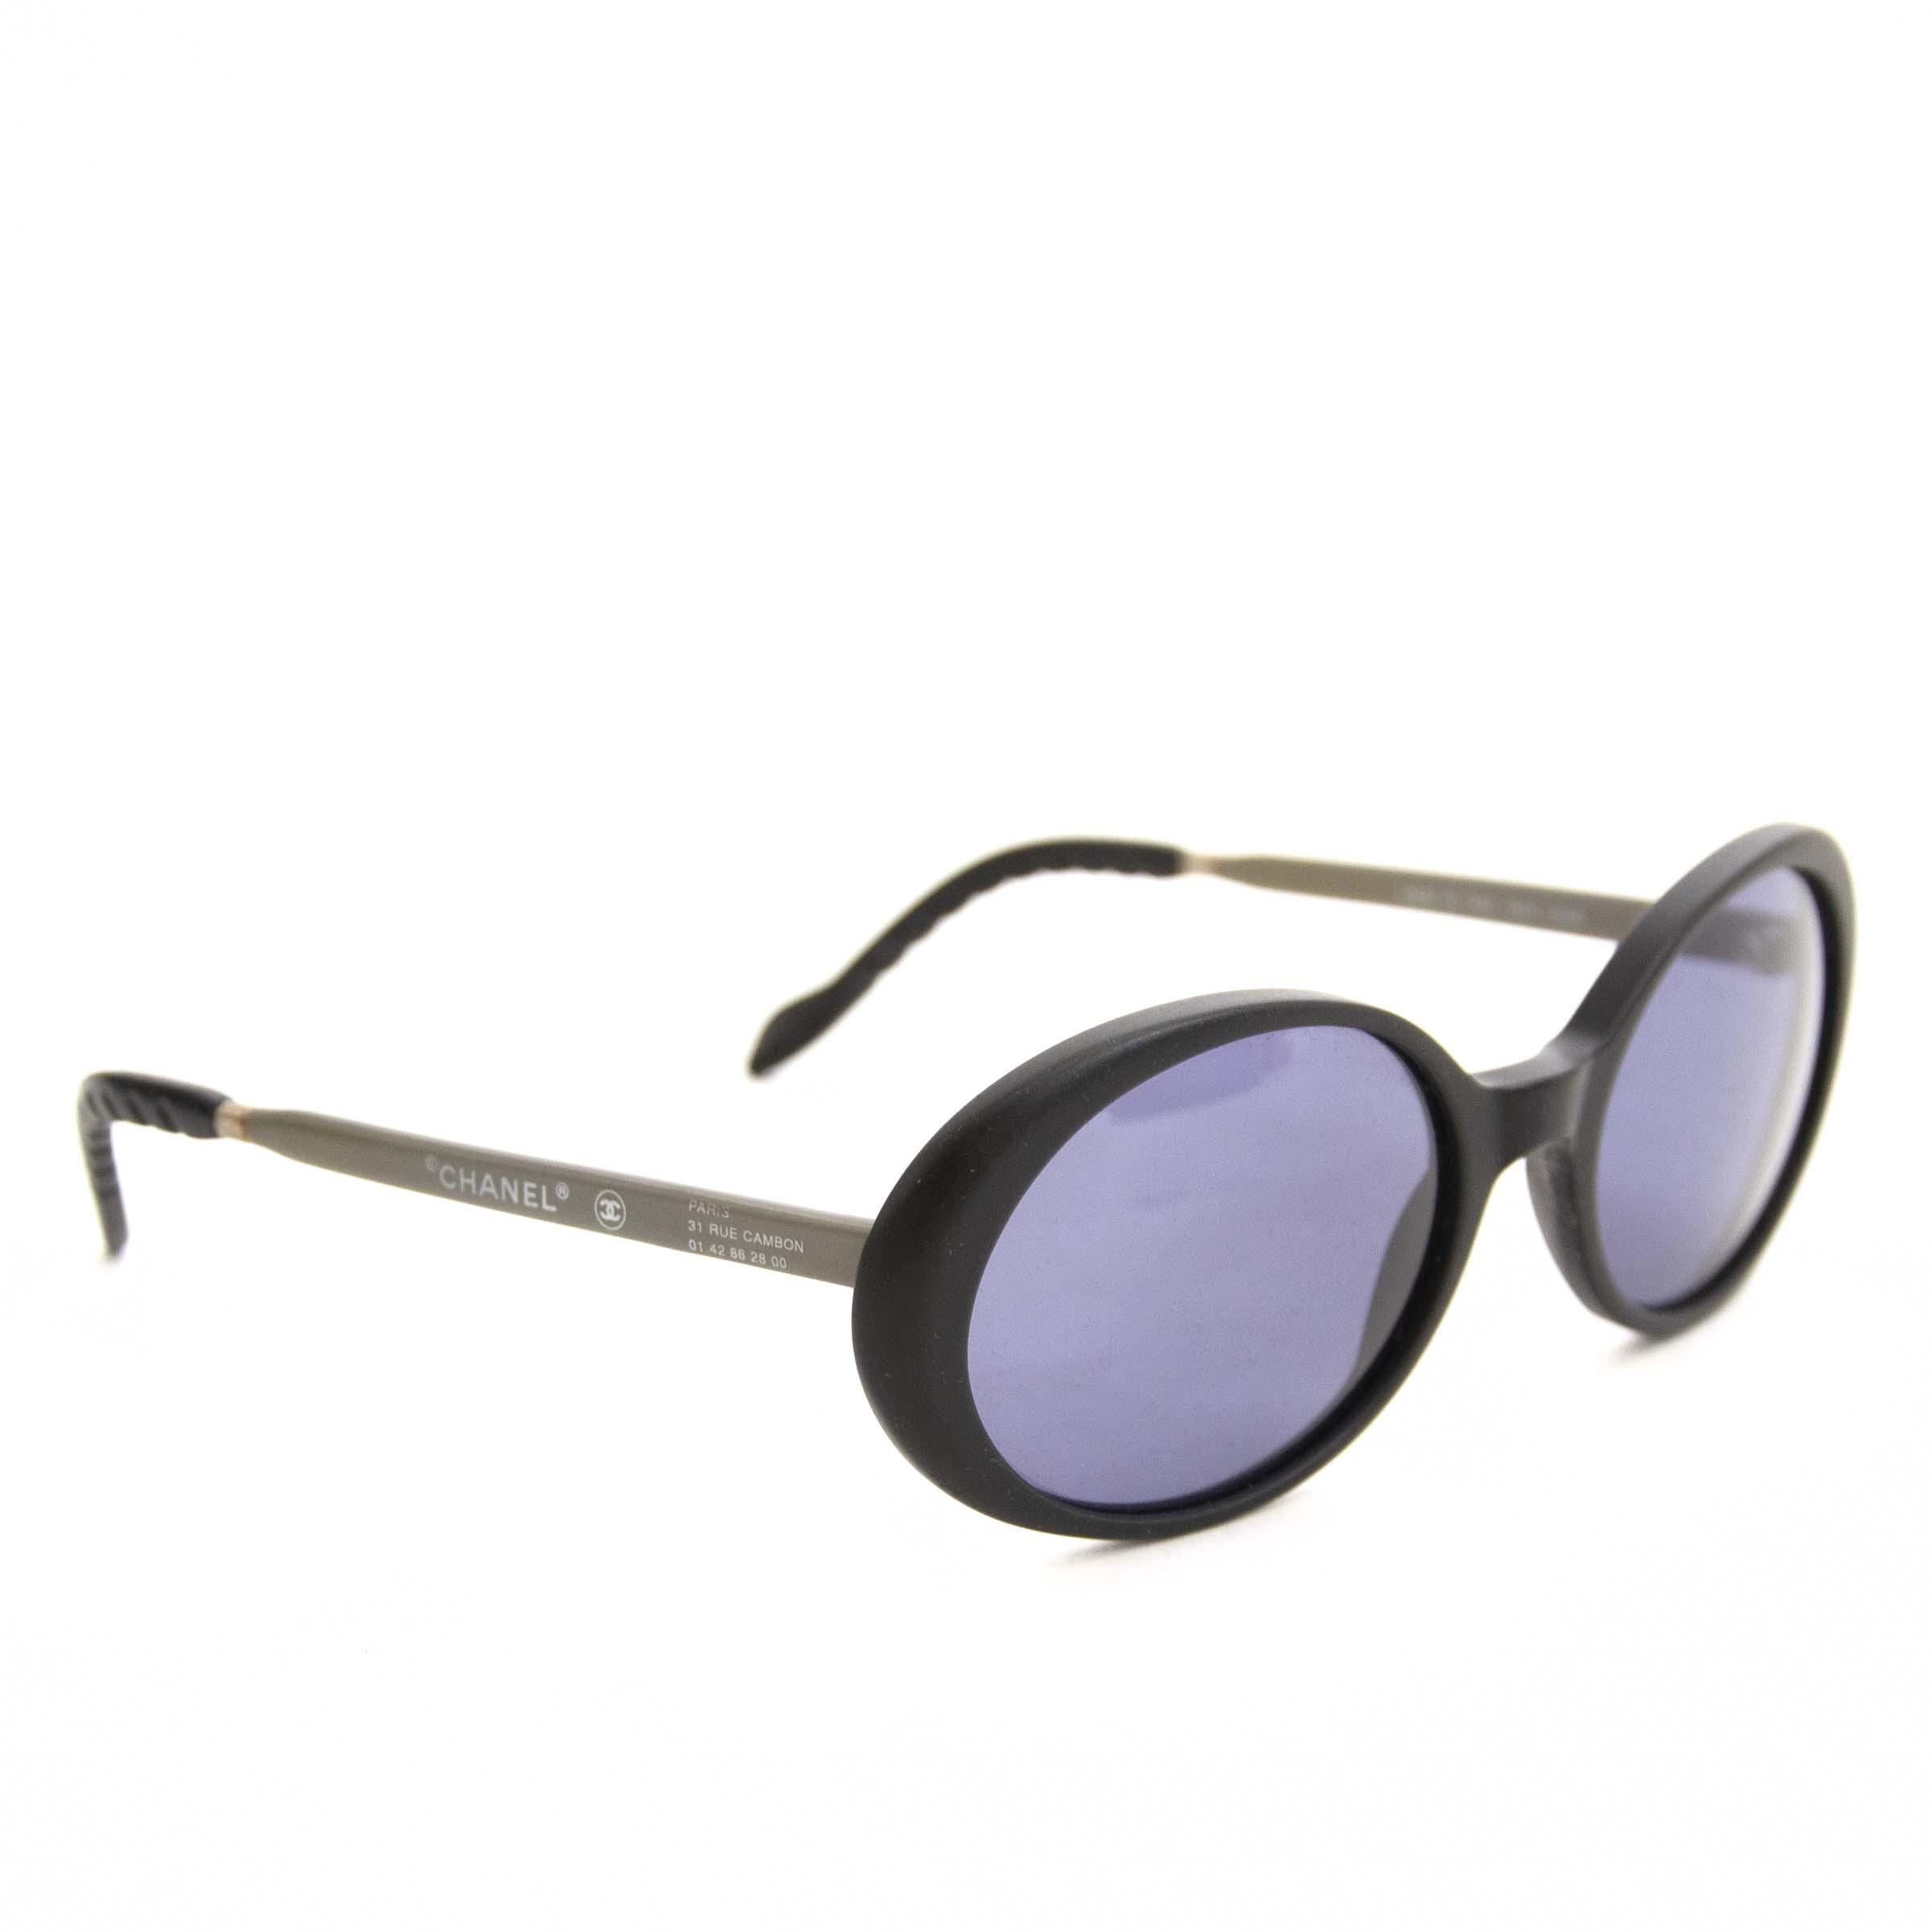 Authentique seconde main vintage Chanel Oval Sunglasses Black achète en ligne webshop LabelLOV